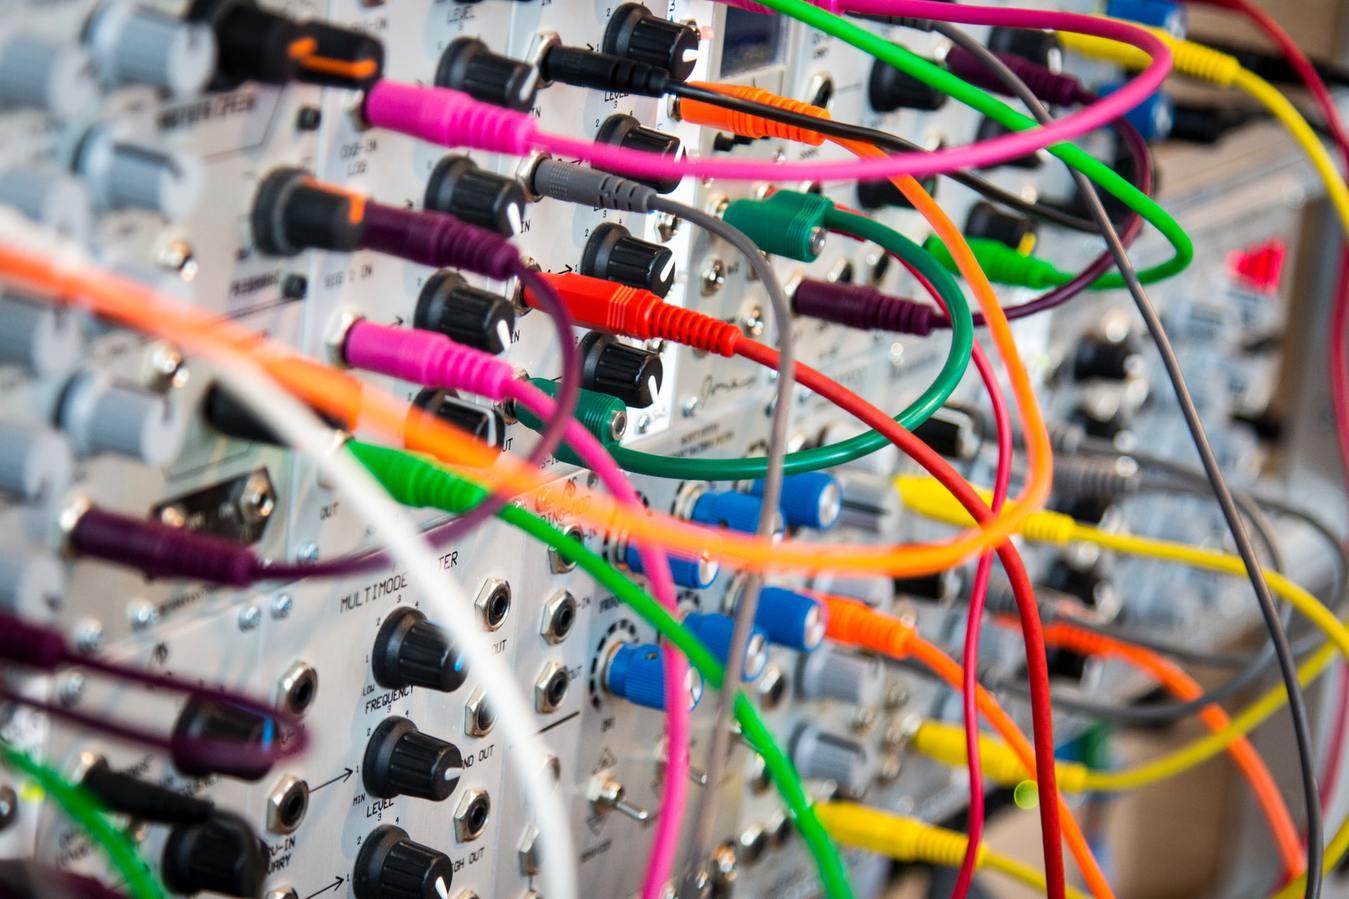 Des fils colorés qui se connectent par douzaines